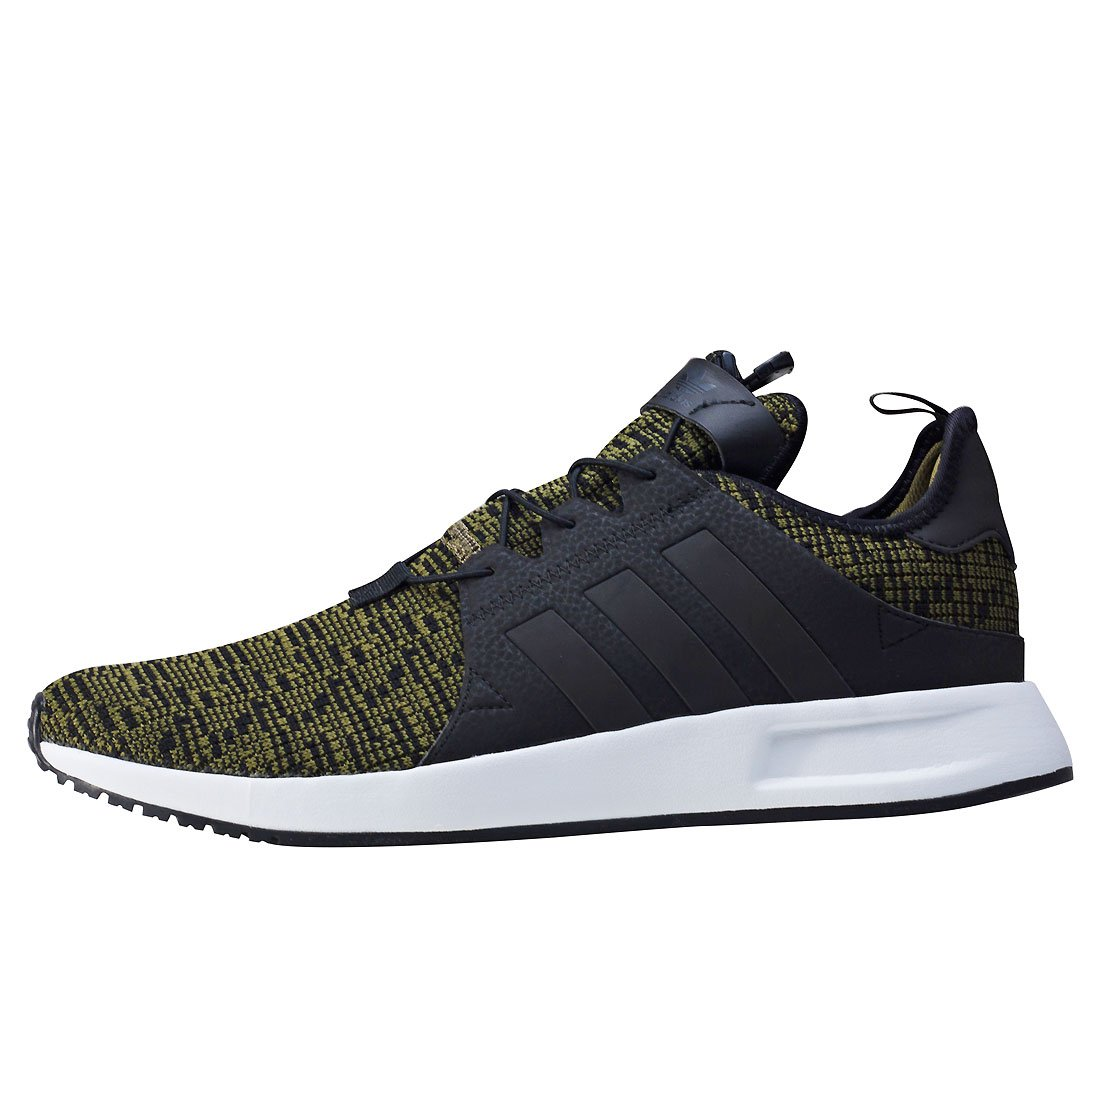 Adidas Herren X_PLR Hallenschuhe Olive Cargo/Core schwarz/Footwear Weiß Weiß Weiß 19fd3e